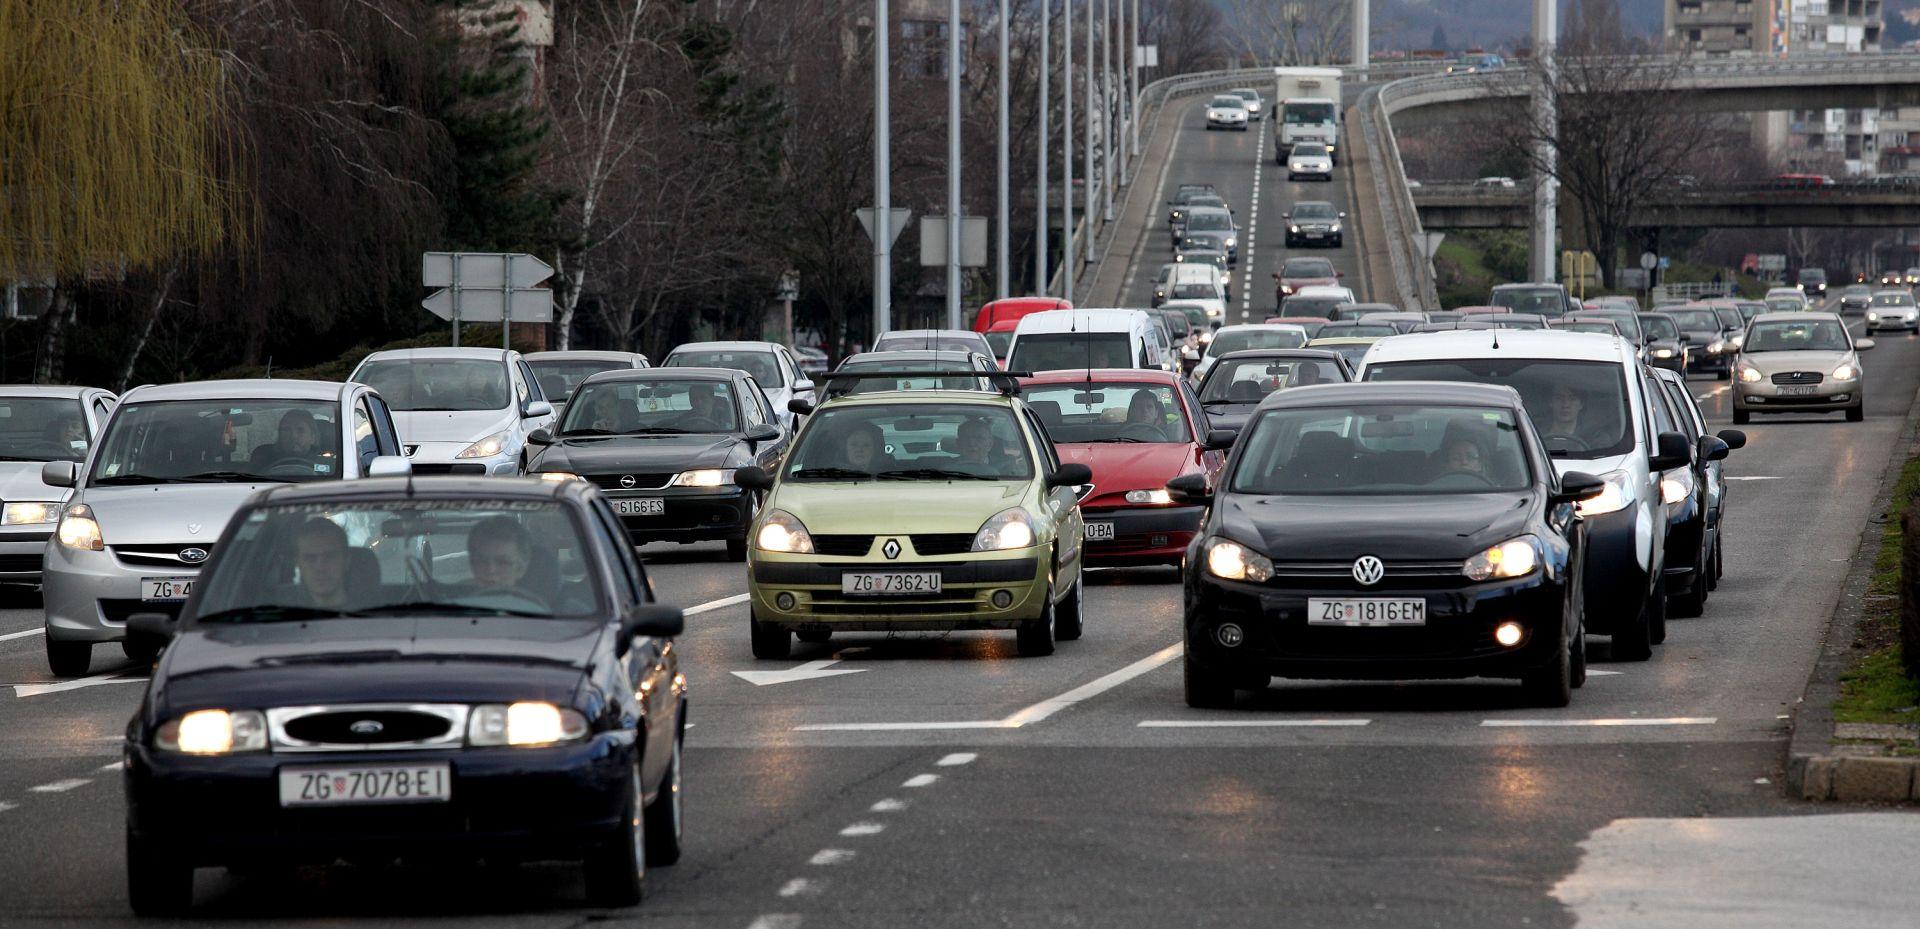 OPREZ Zimsko računanje vremena donosi i promjene u prometu i tarifama električne energije